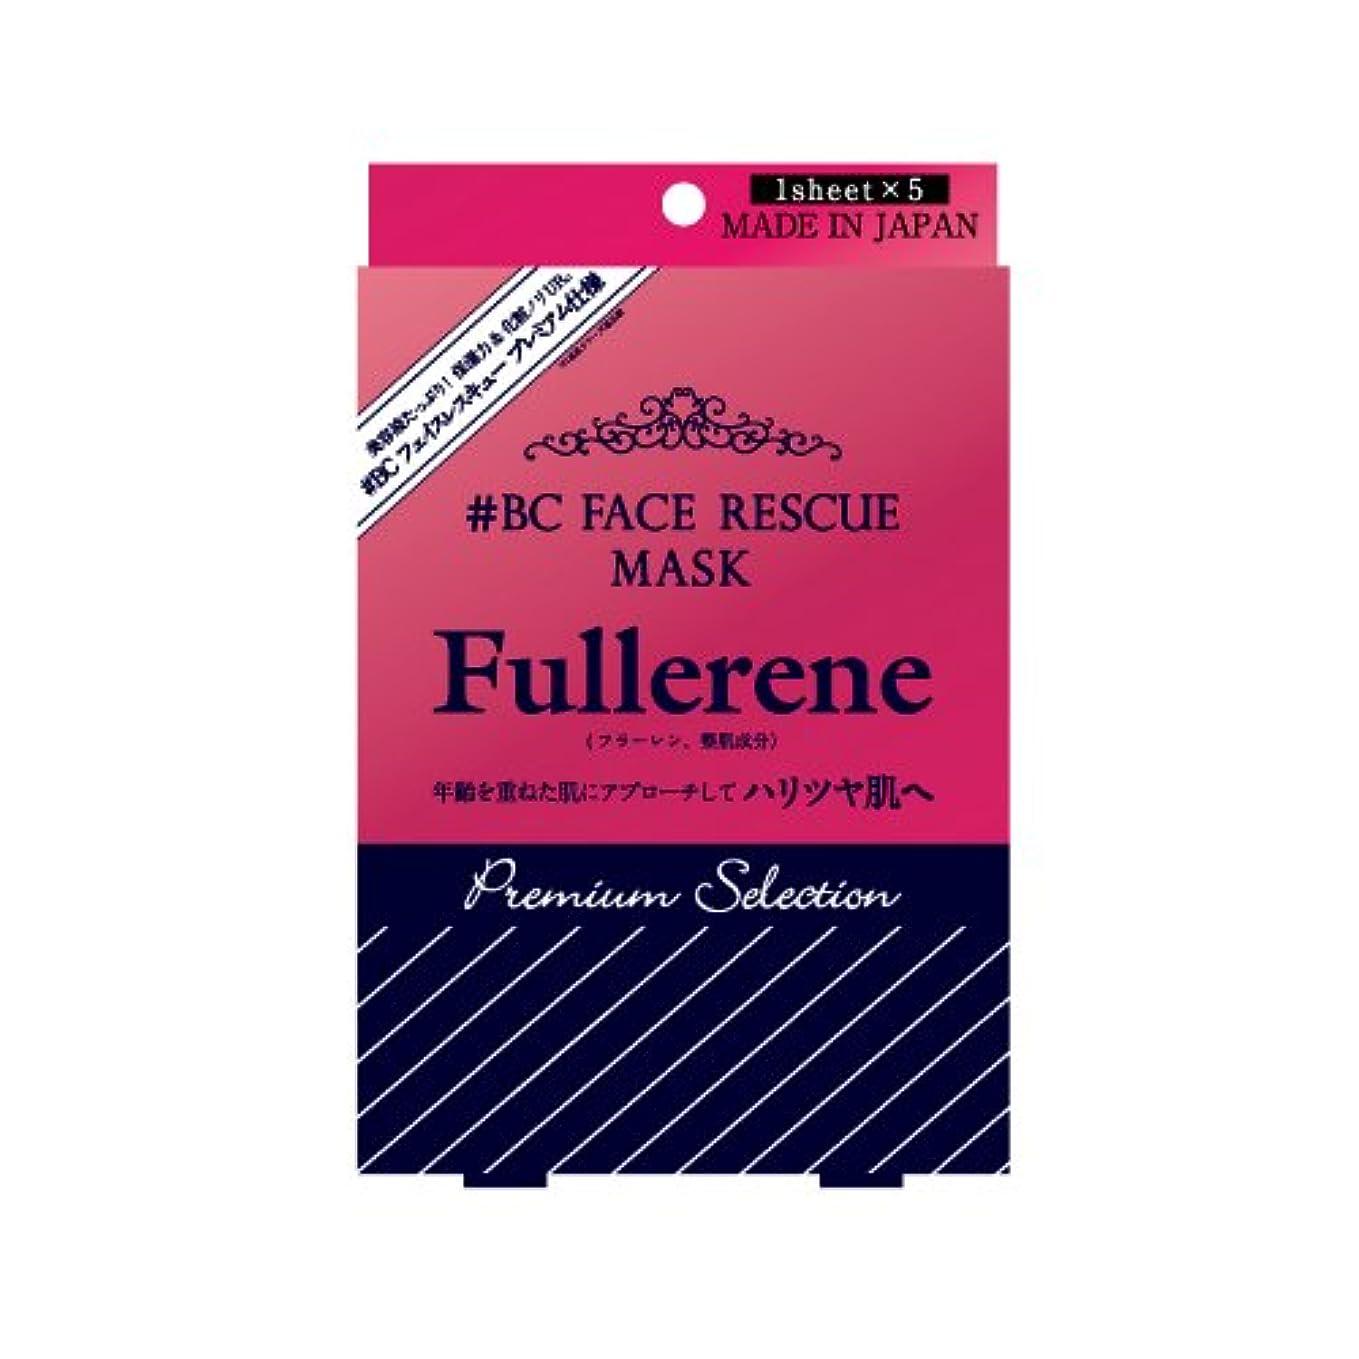 無視できるいっぱい聴覚障害者フラーレン フェイスレスキューマスク PS 1箱(25ml×5枚)